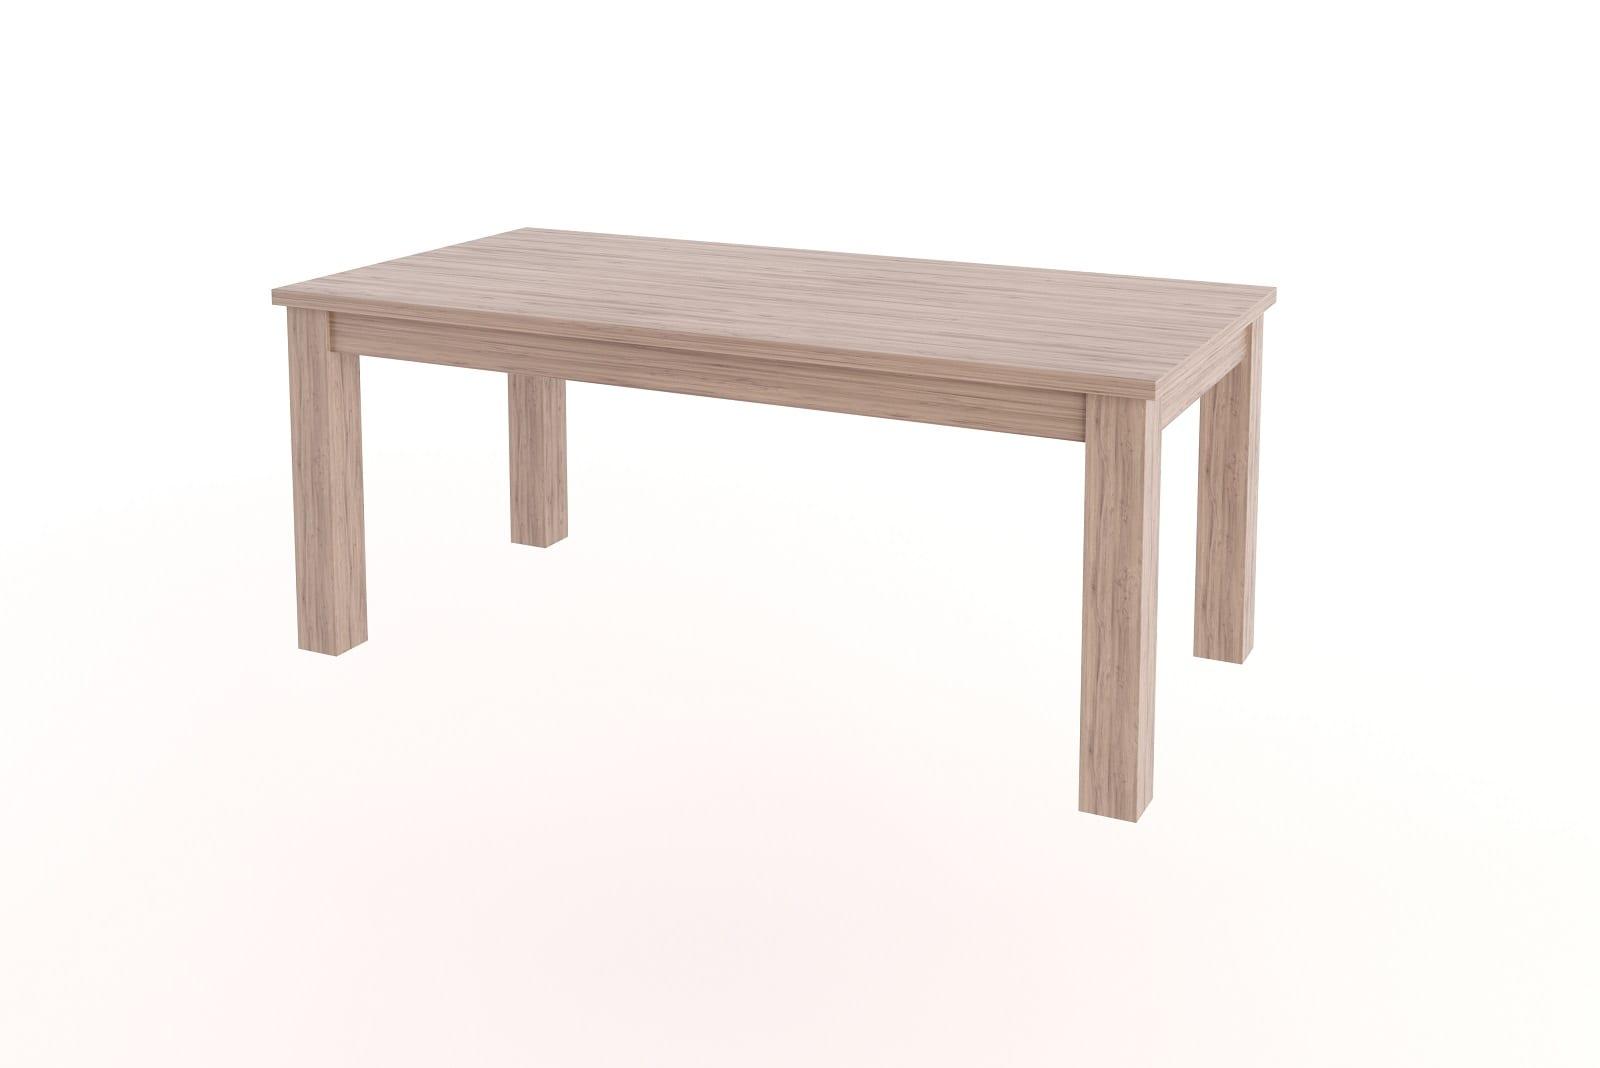 Chunky Table 1800